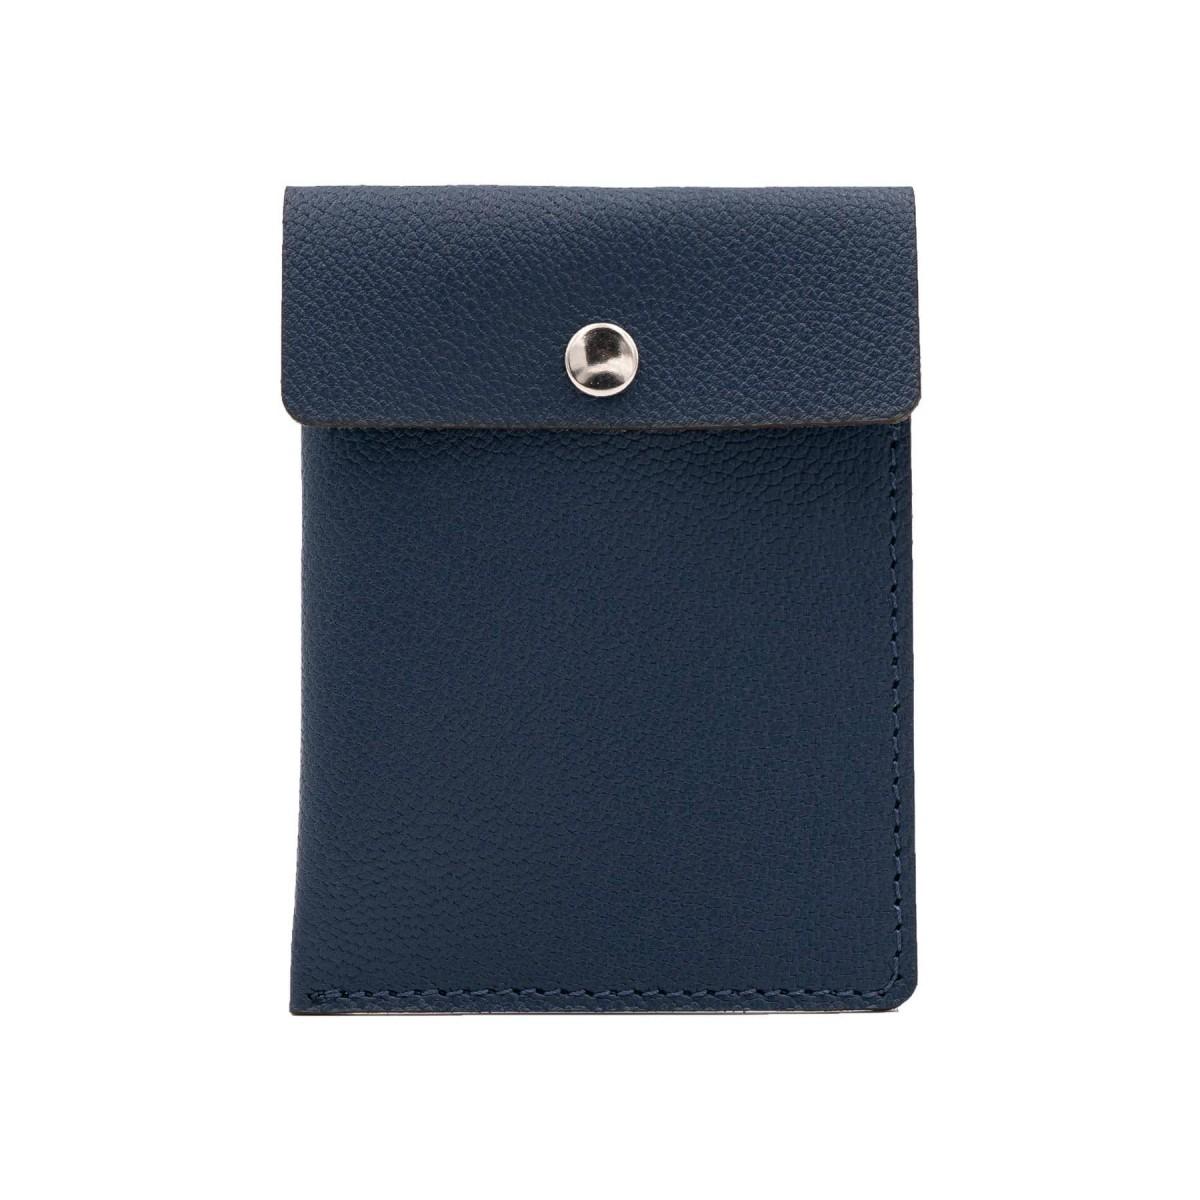 Kartenetui in marineblau - aus premium pflanzlich gegerbtem Ziegenleder